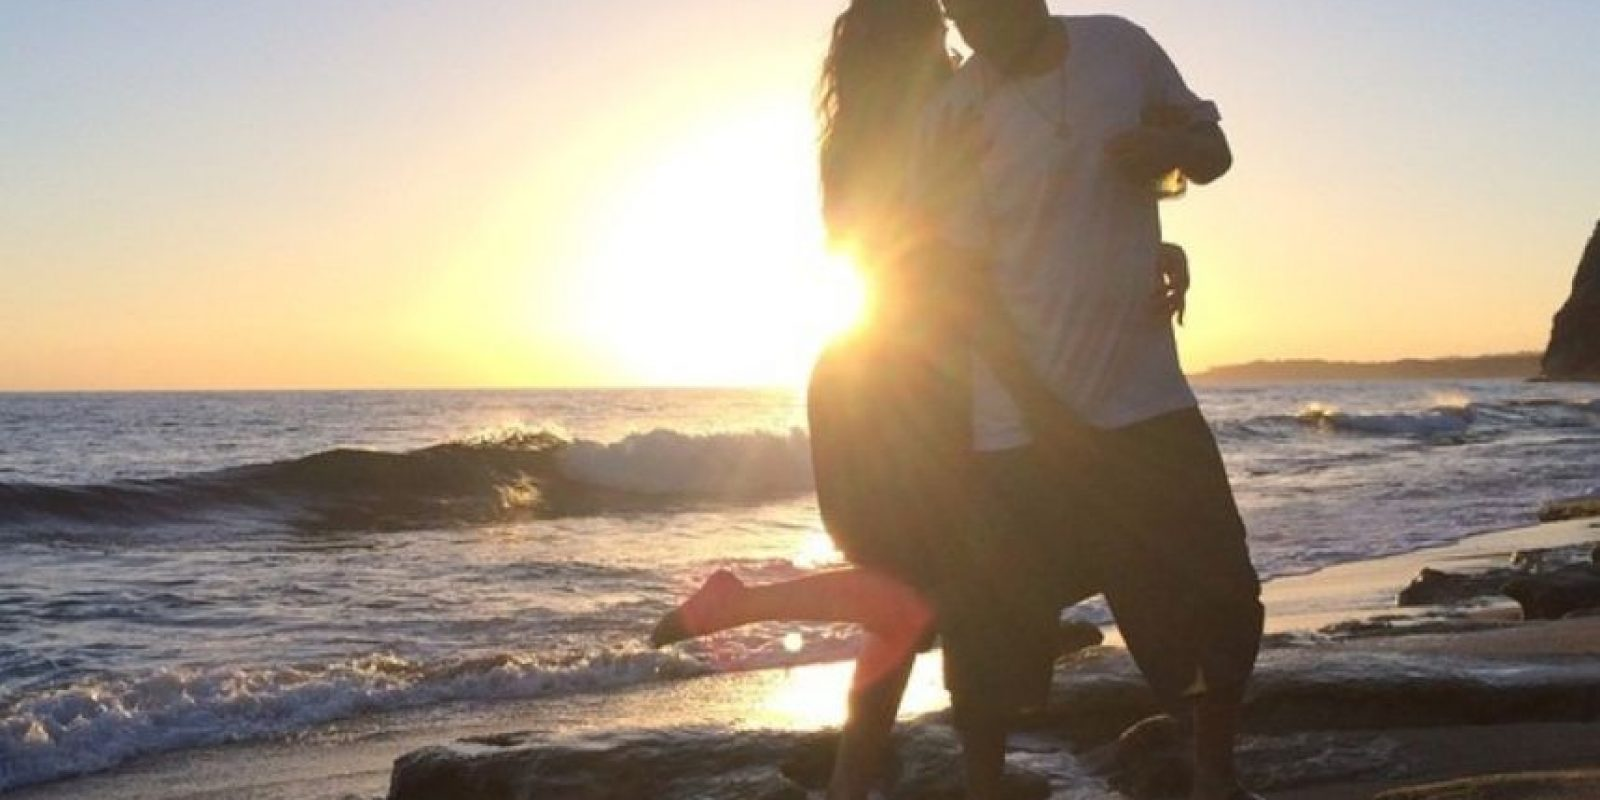 La pareja está junta de nuevo después de su separación en septiembre Foto:KhloeKardashian vía Instagram